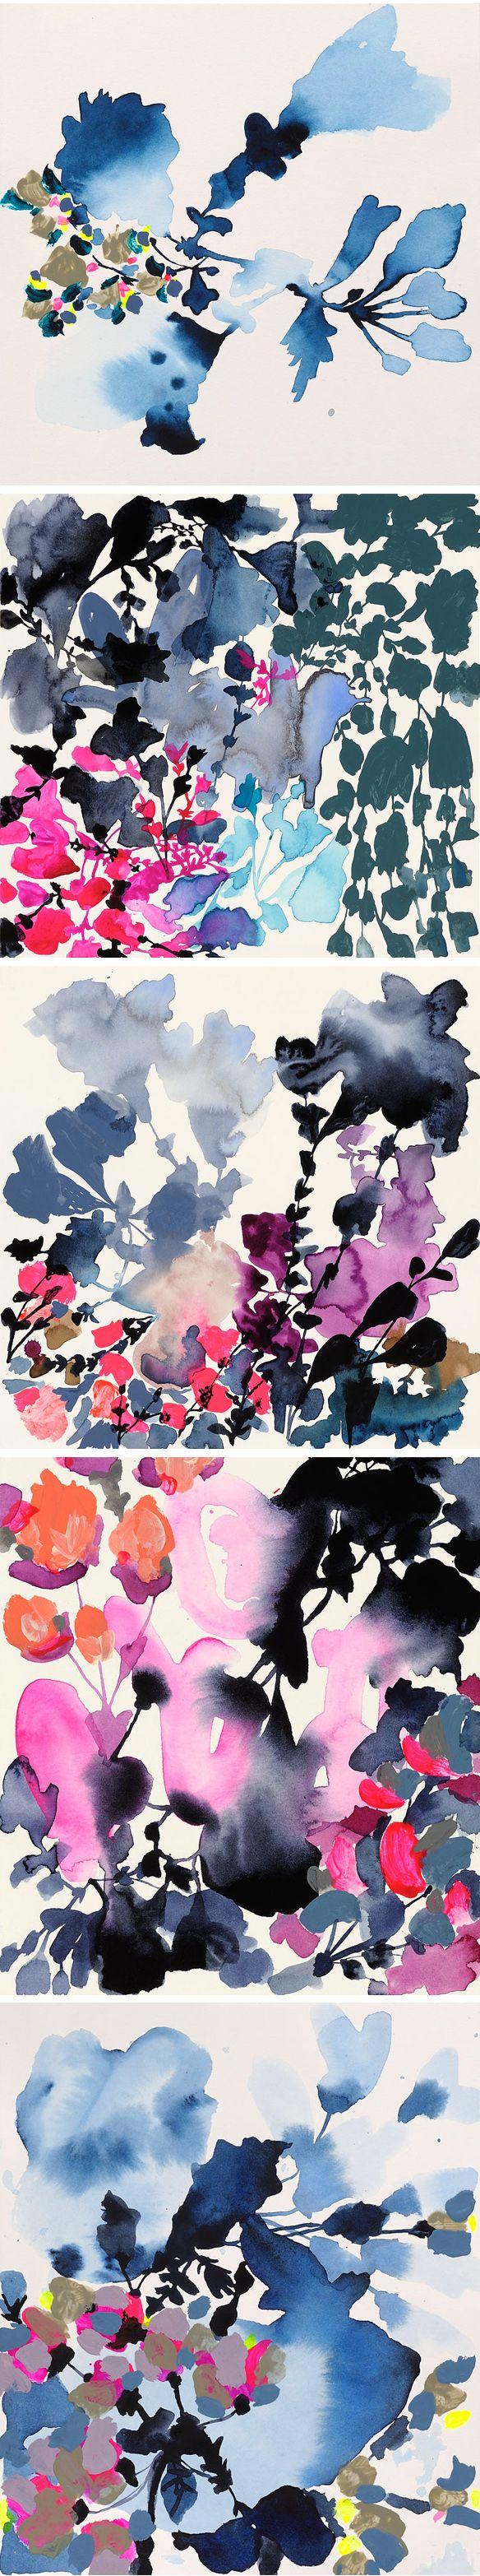 paintings by jen garrido <3